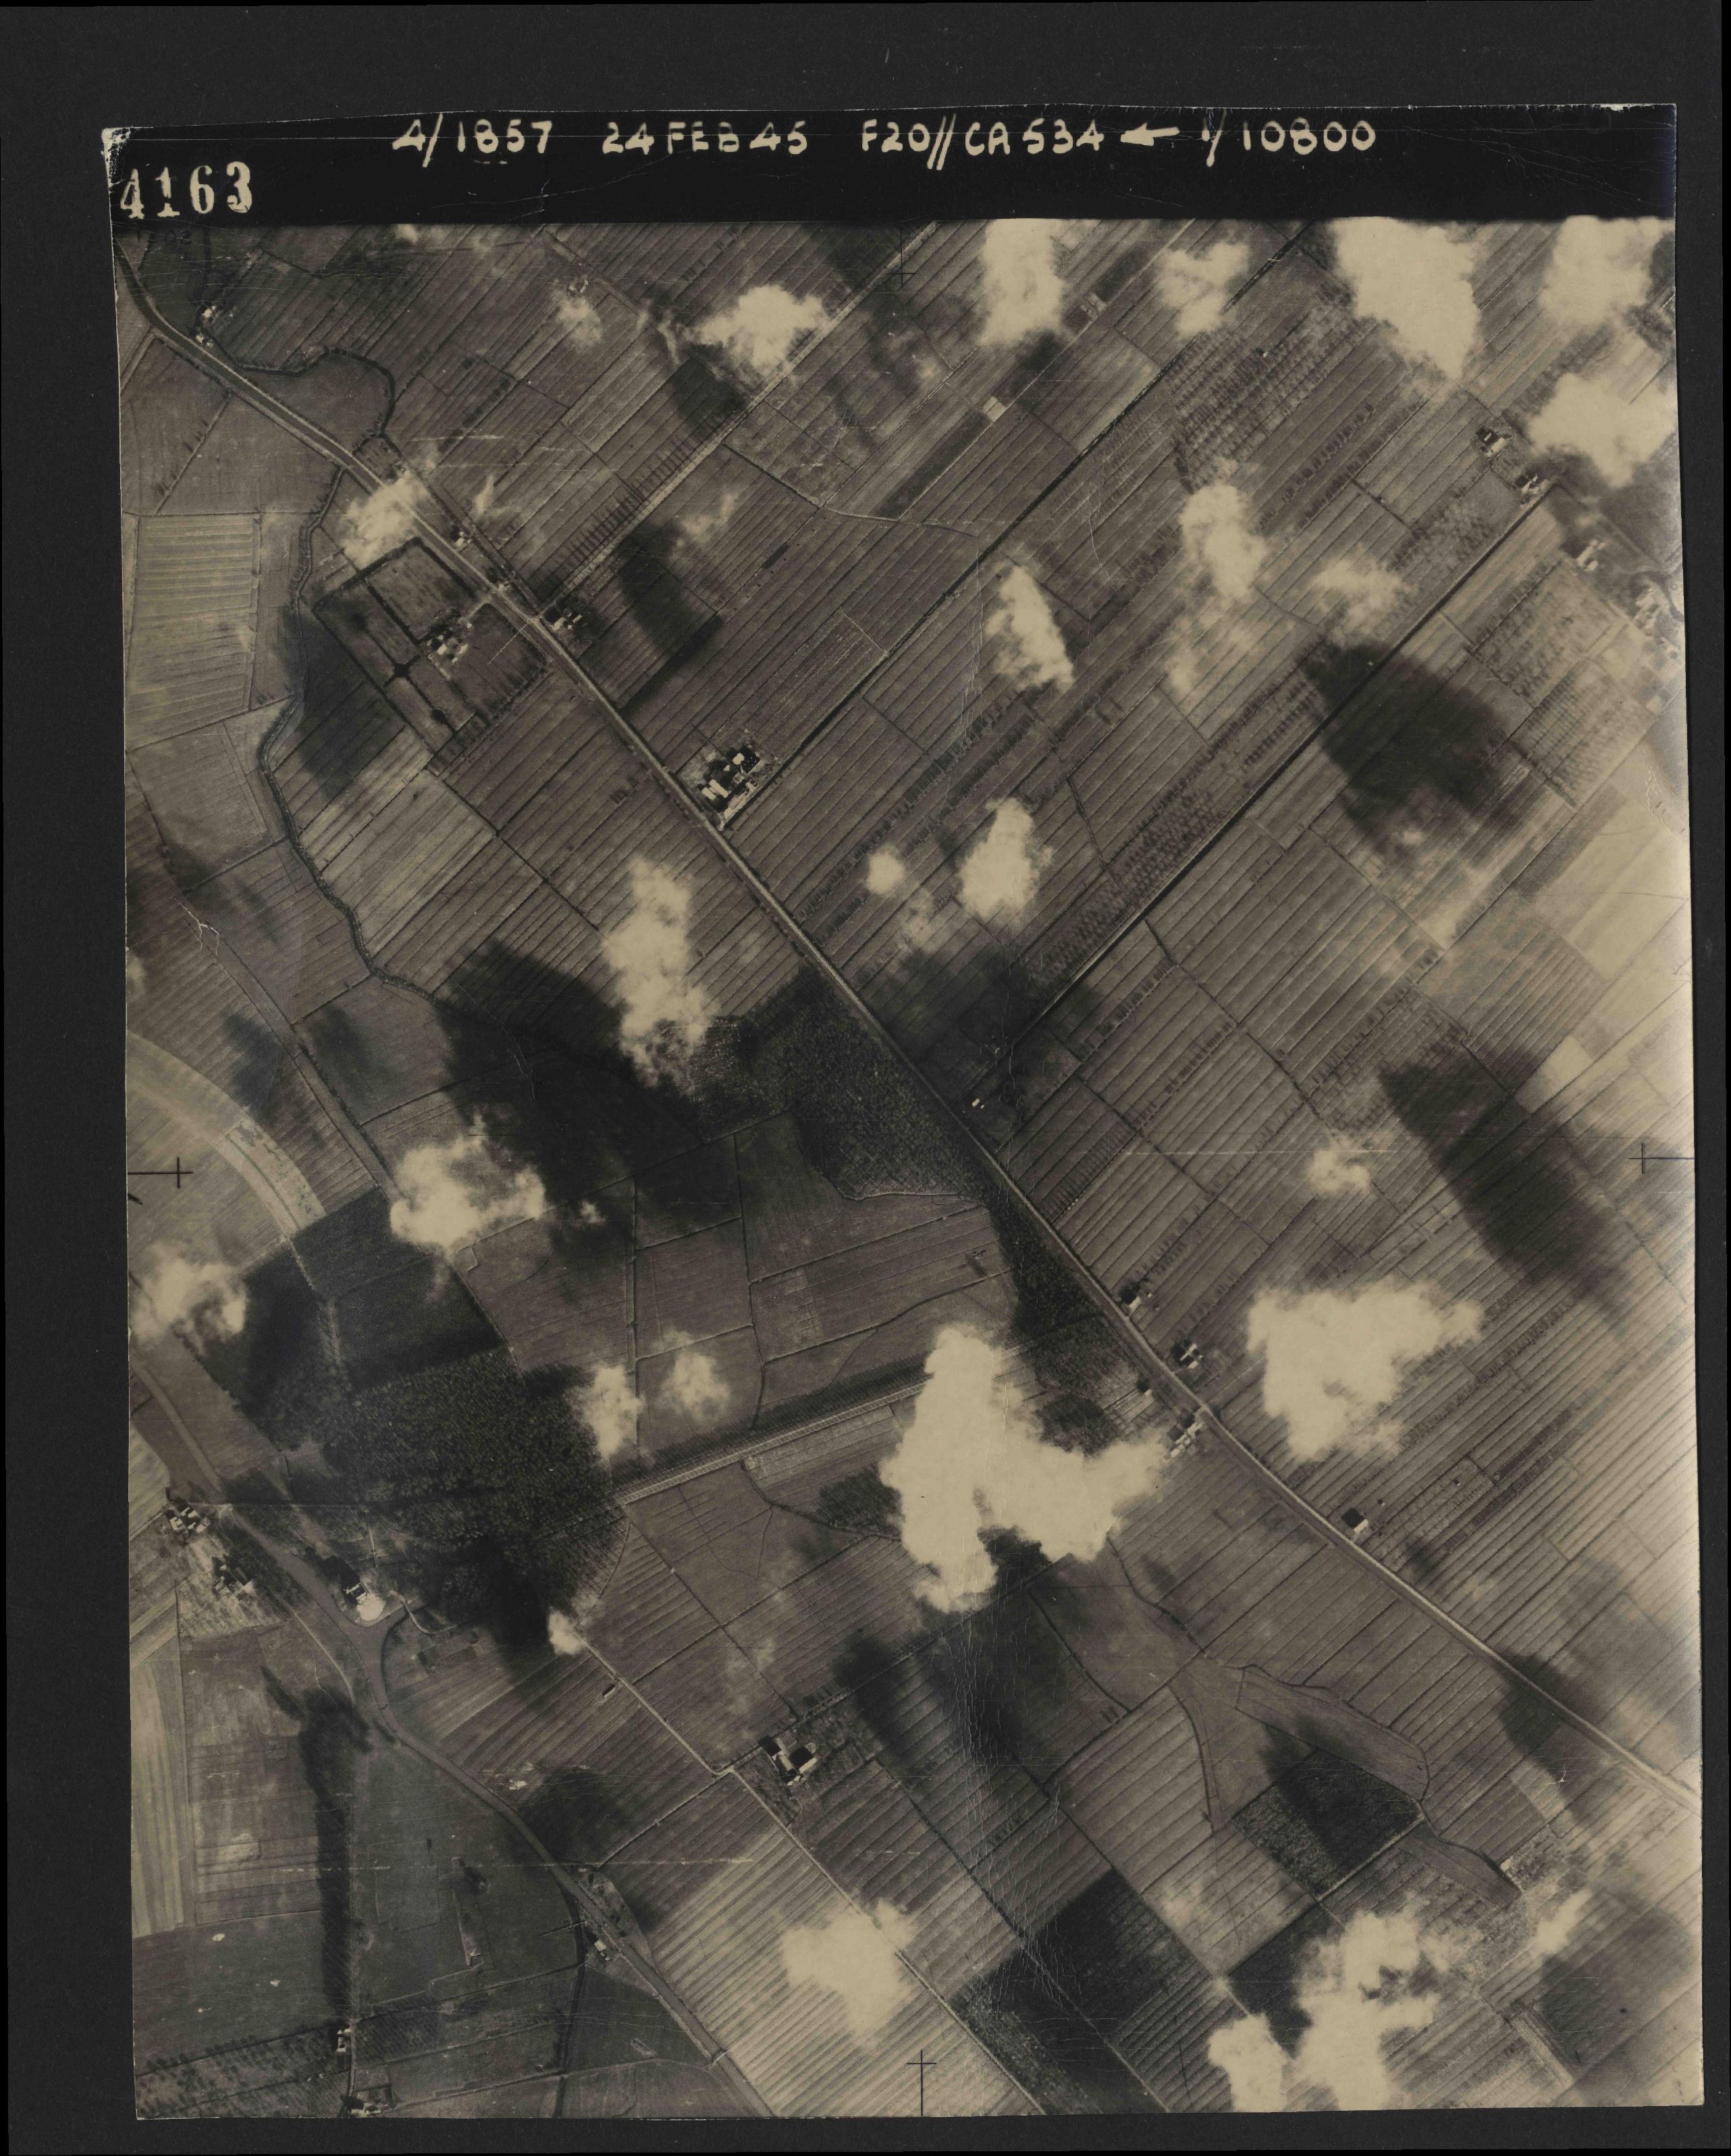 Collection RAF aerial photos 1940-1945 - flight 073, run 01, photo 4163